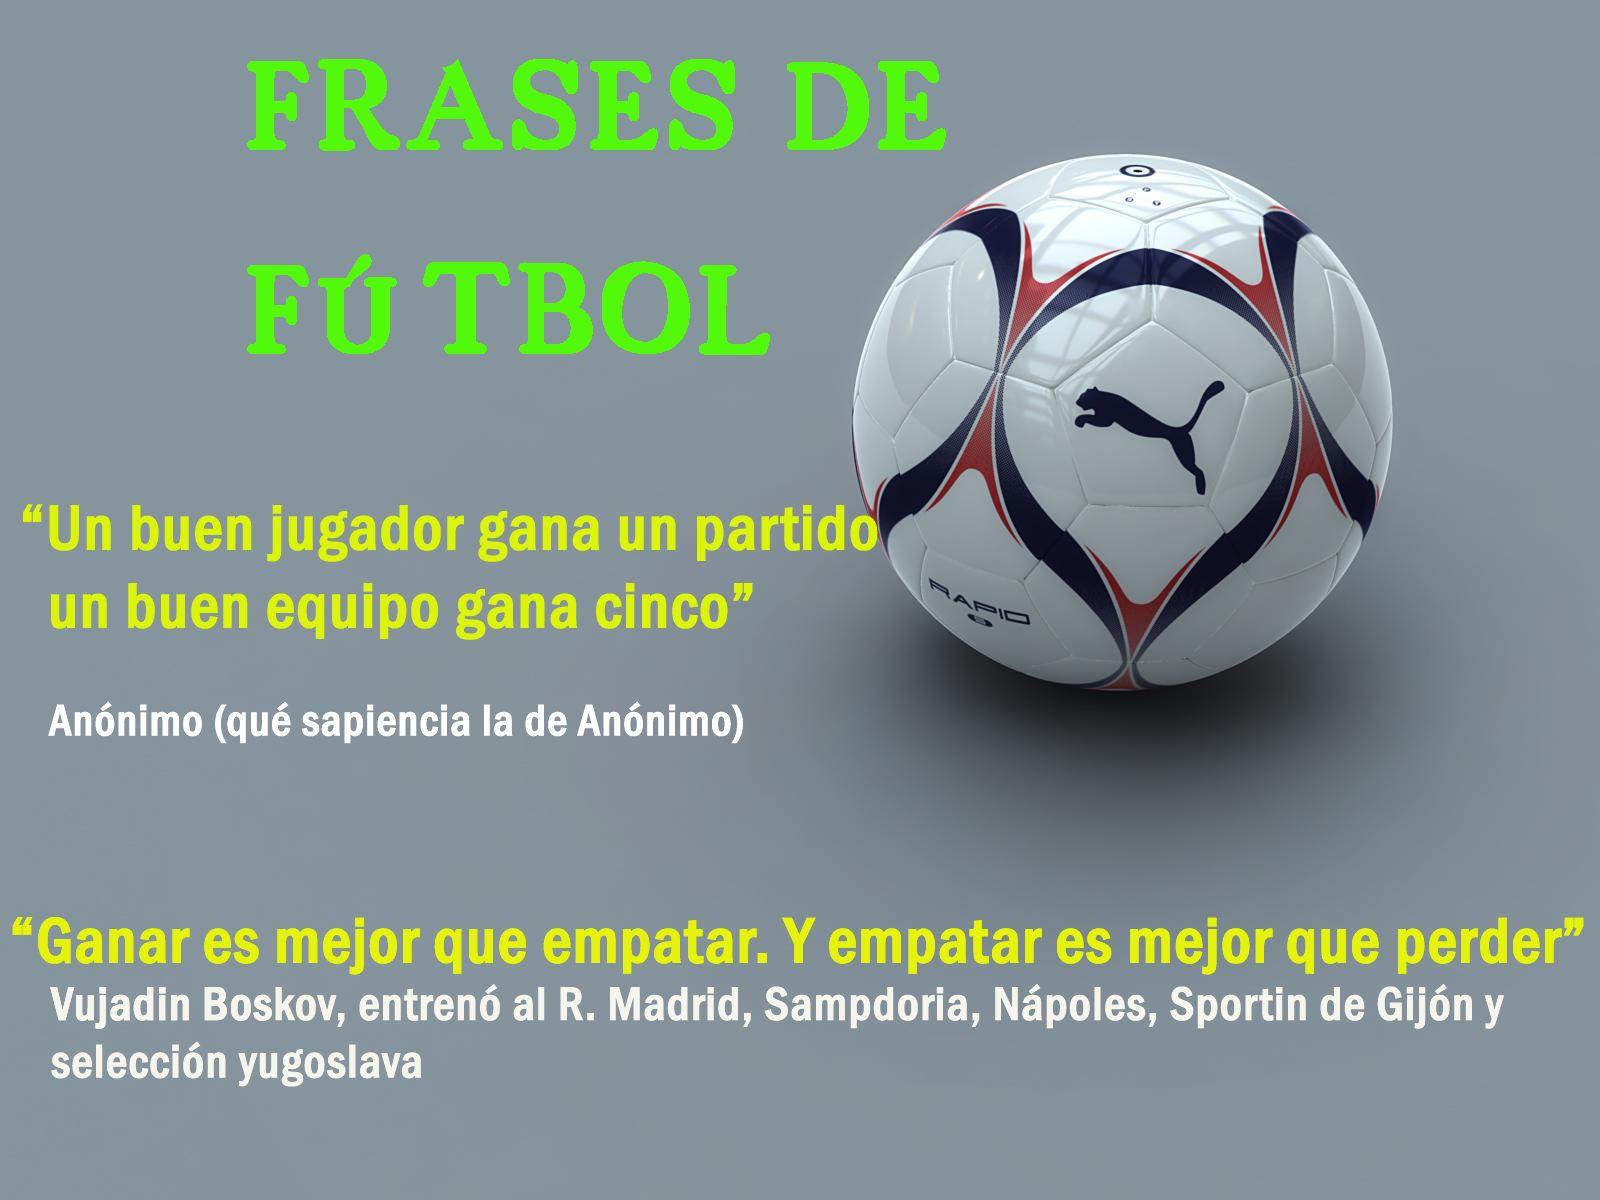 Frases De Futbol Frases De Futbol Frases De Amigas Locas